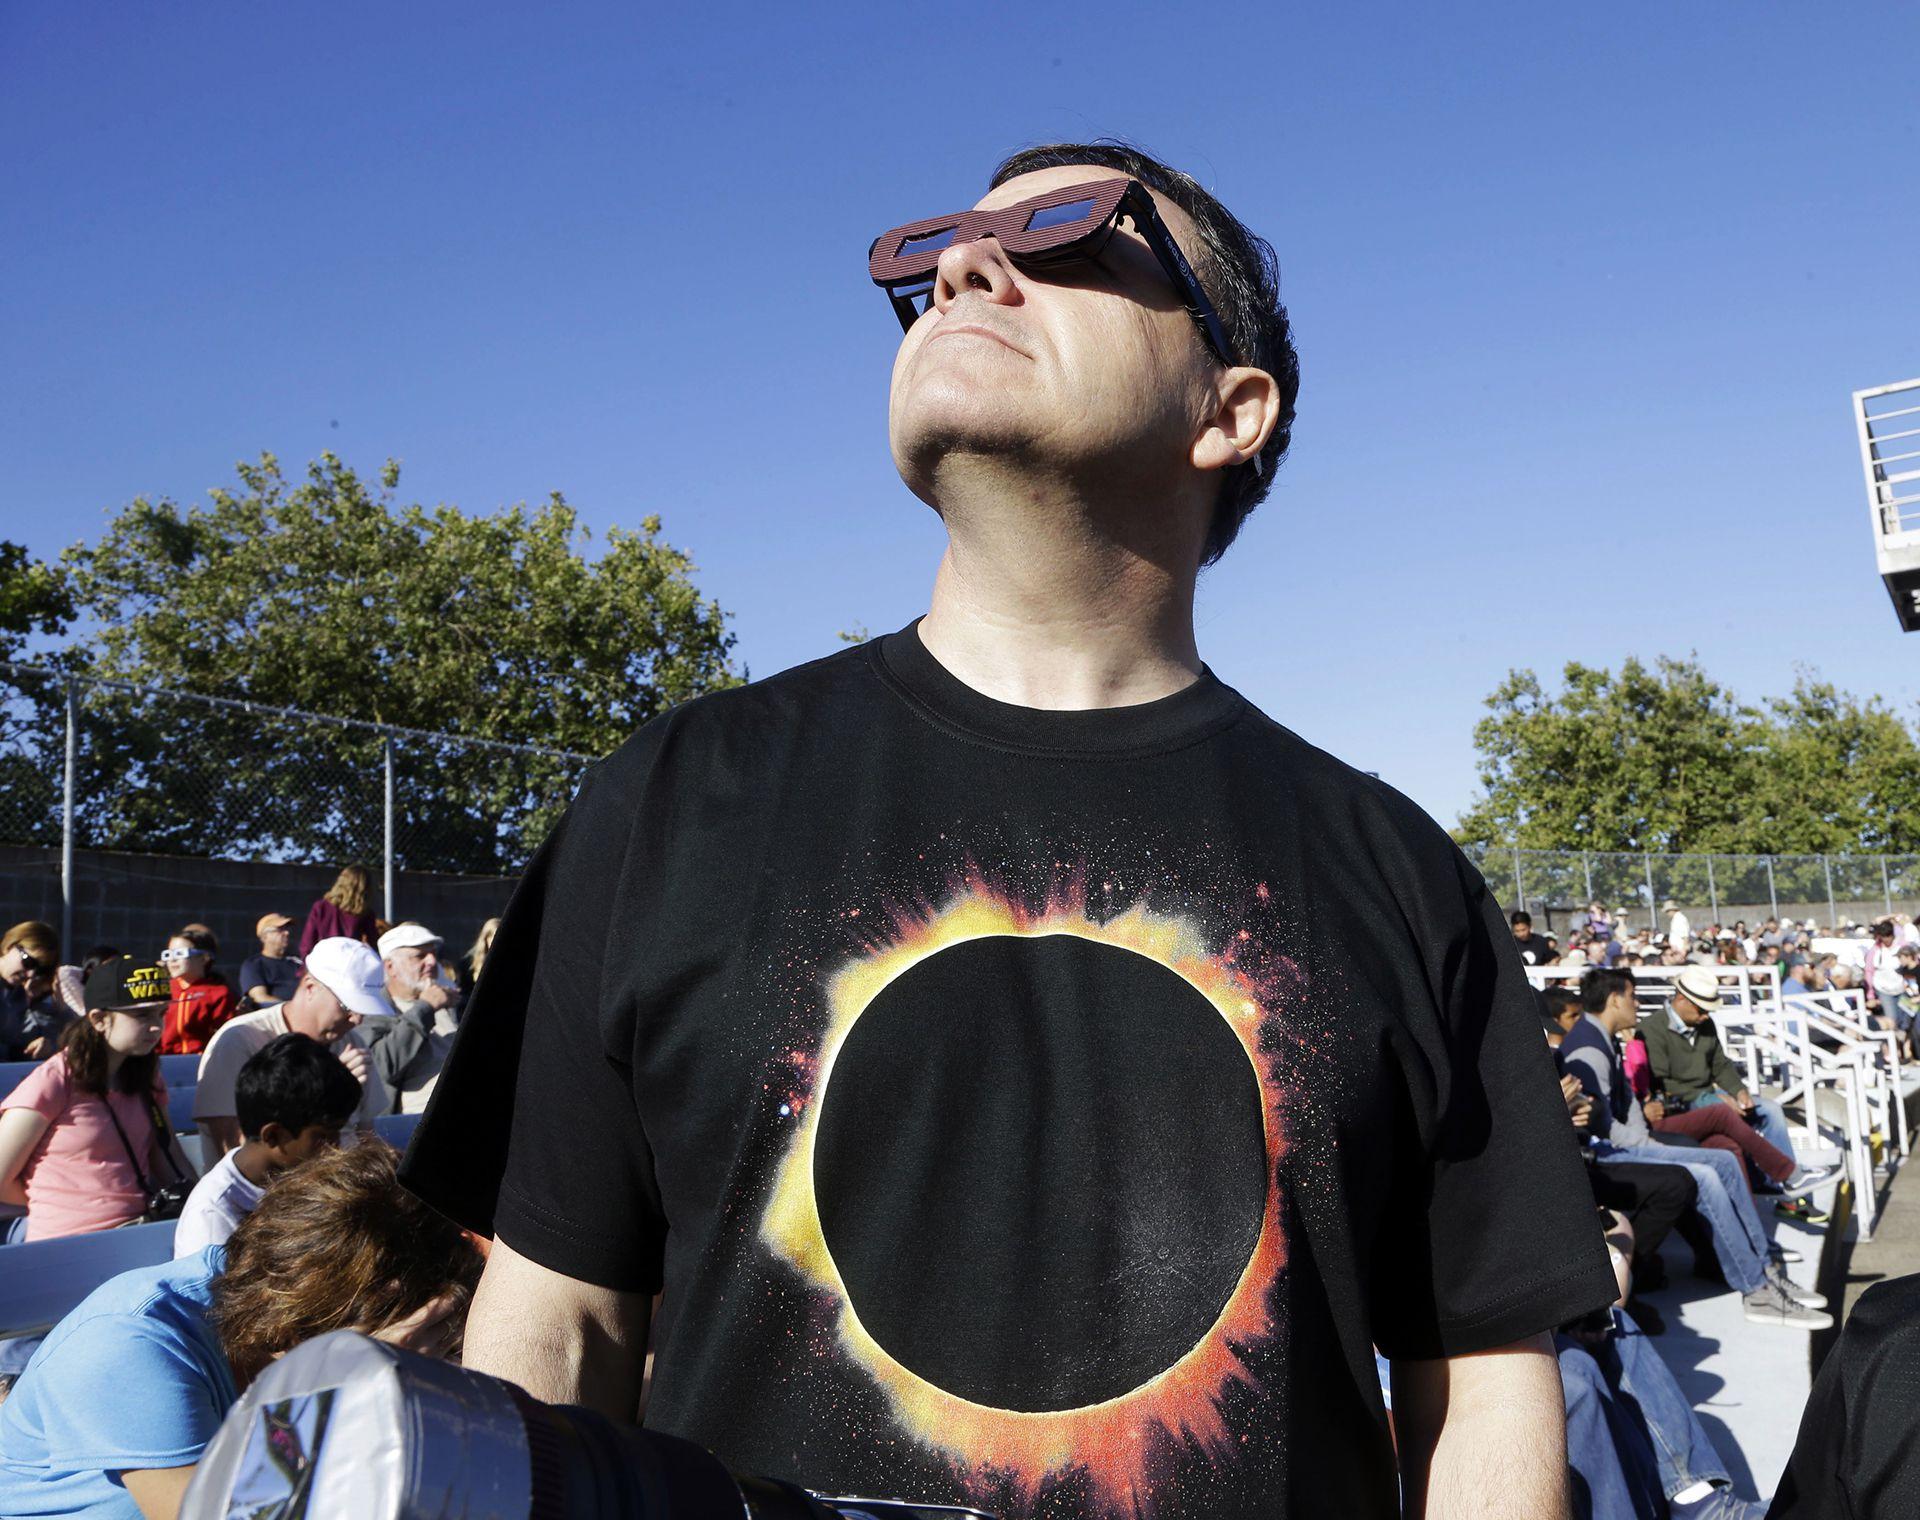 Mirar directo al eclipse sin la protección adecuada puede ser perjudicial para la visión (AP Photo/Don Ryan)